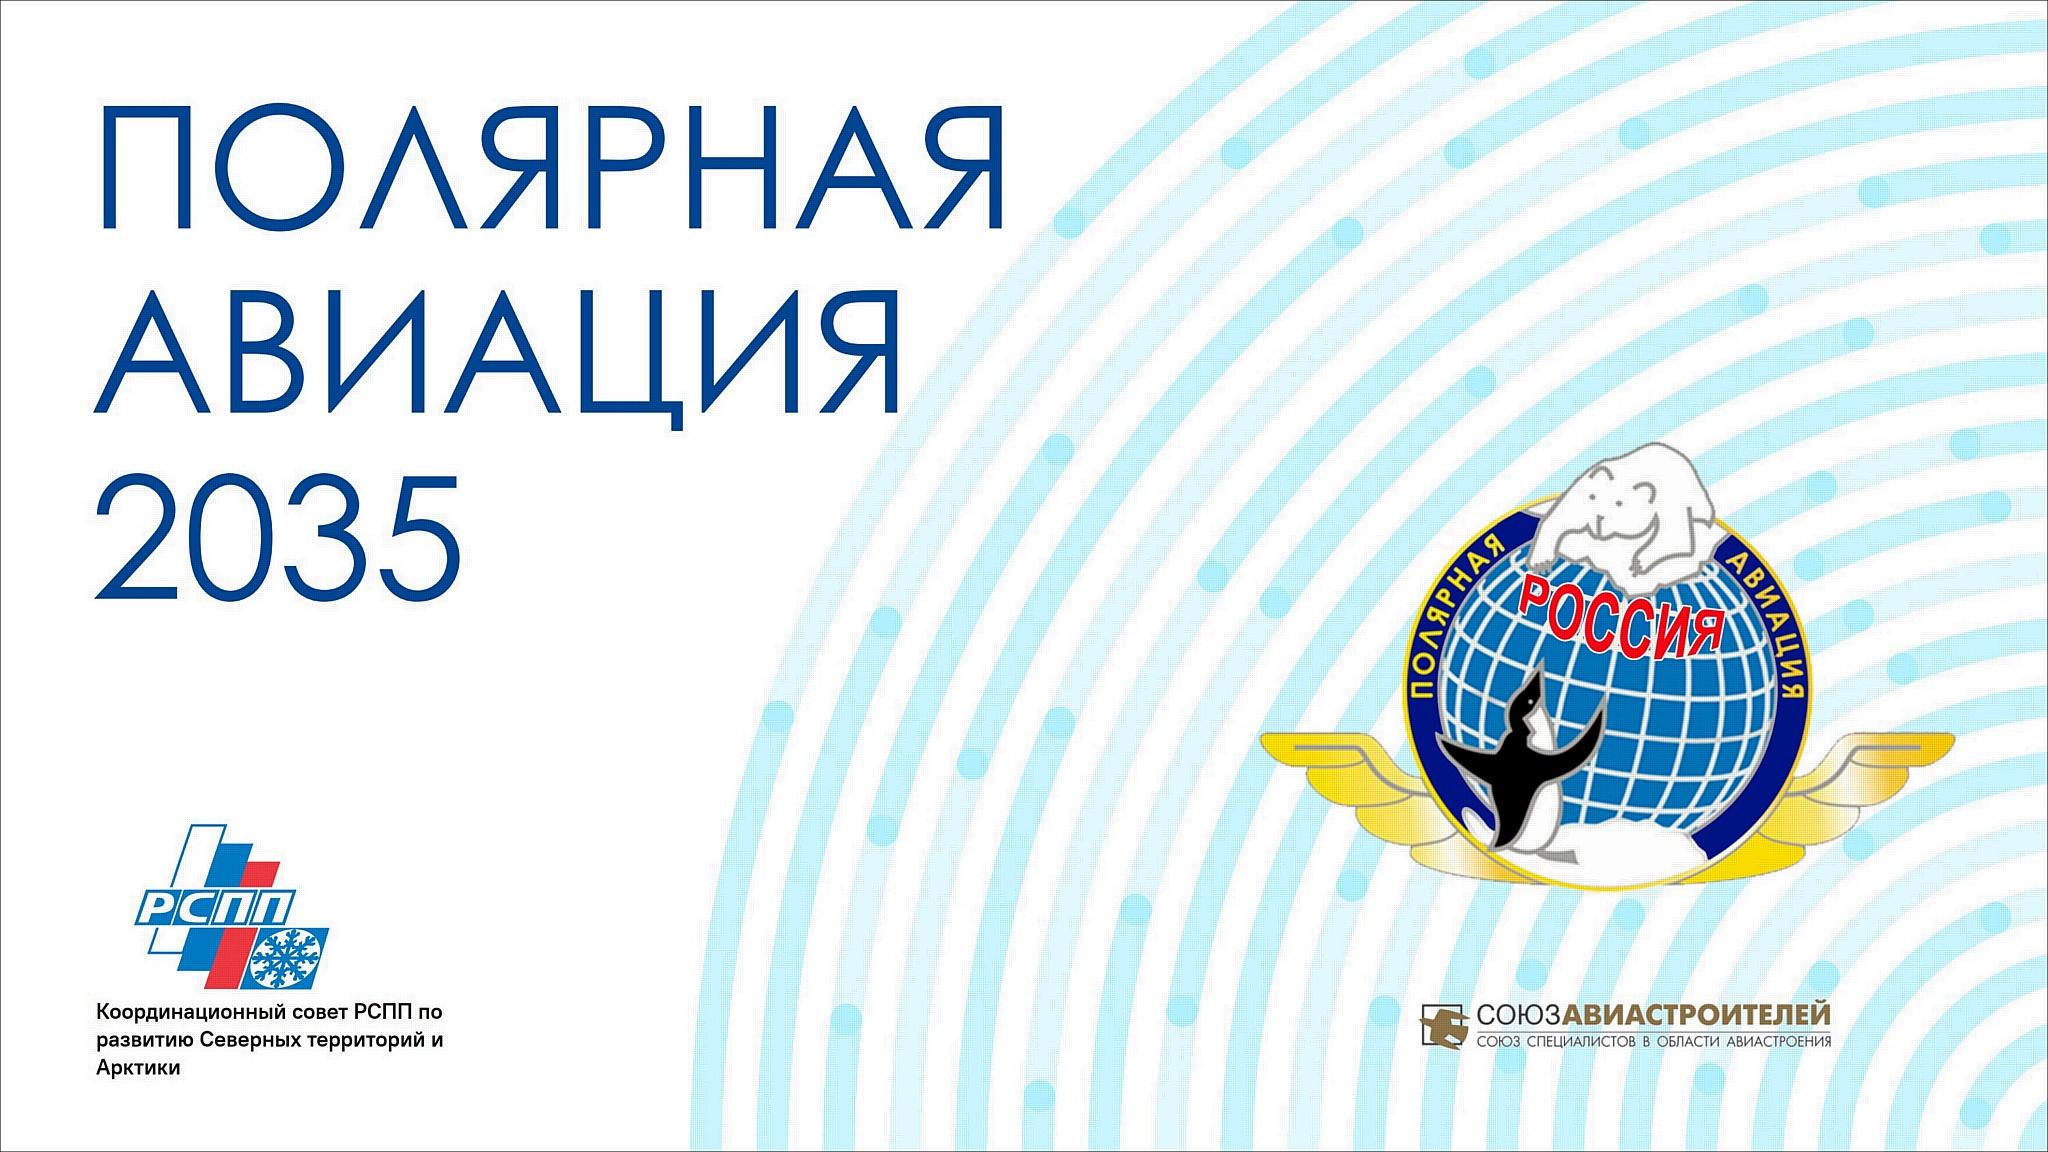 Будущее полярной авиации представлено на фестивале «Небо 2021»